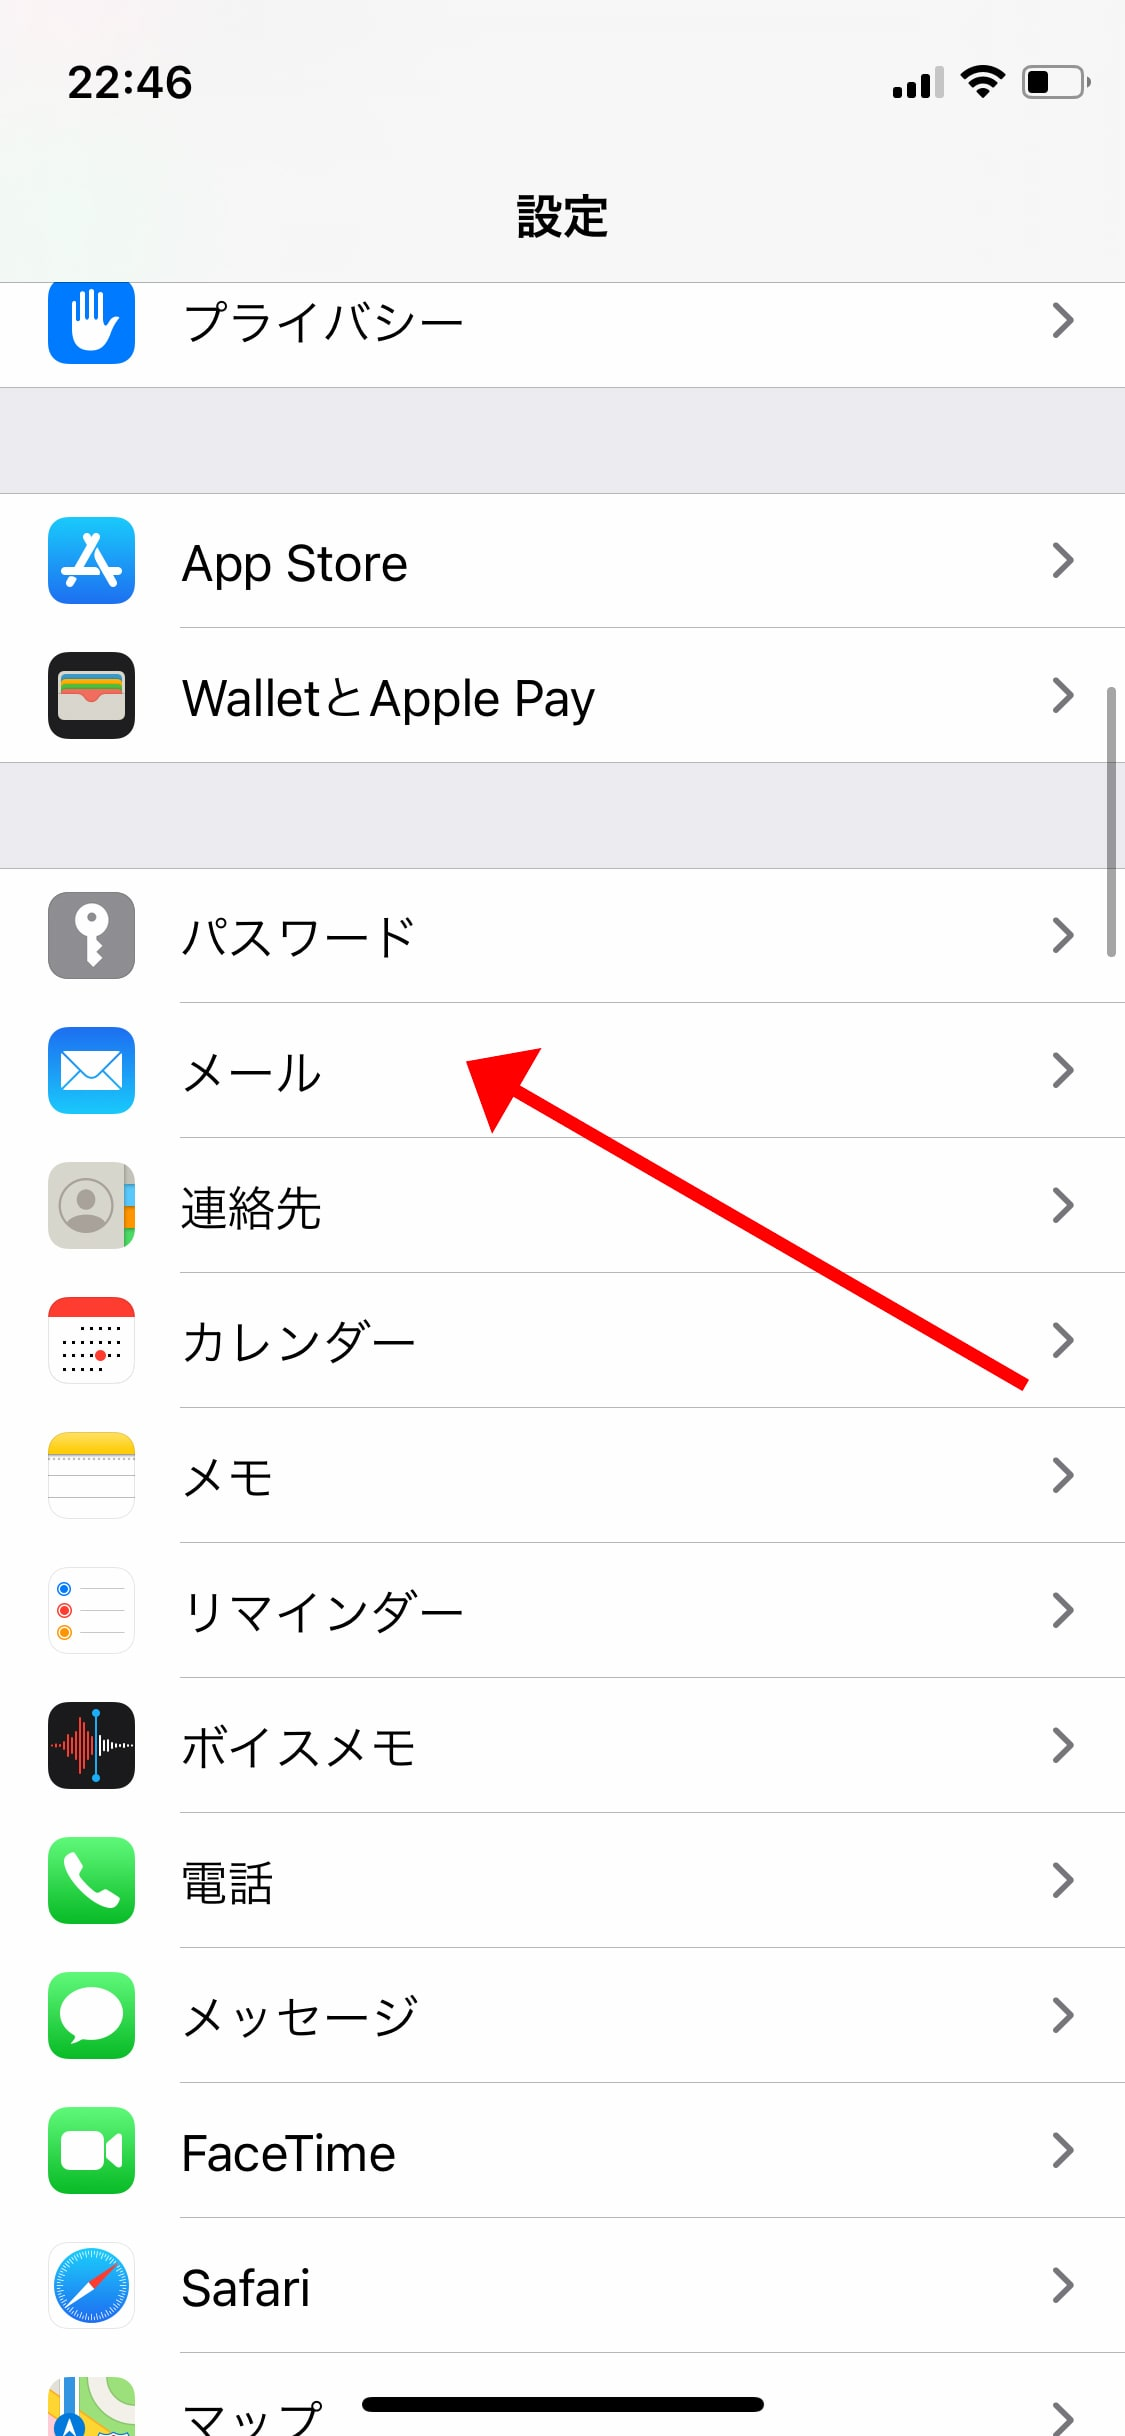 メールの「サーバー上の画像を読み込む」をオフにして、iPhoneのパケット通信を節約する方法